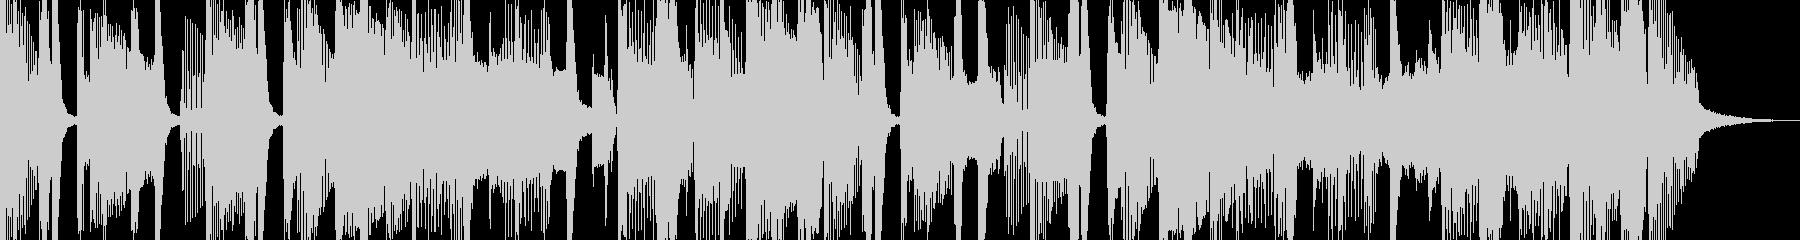 コーポレート ファンキーの未再生の波形